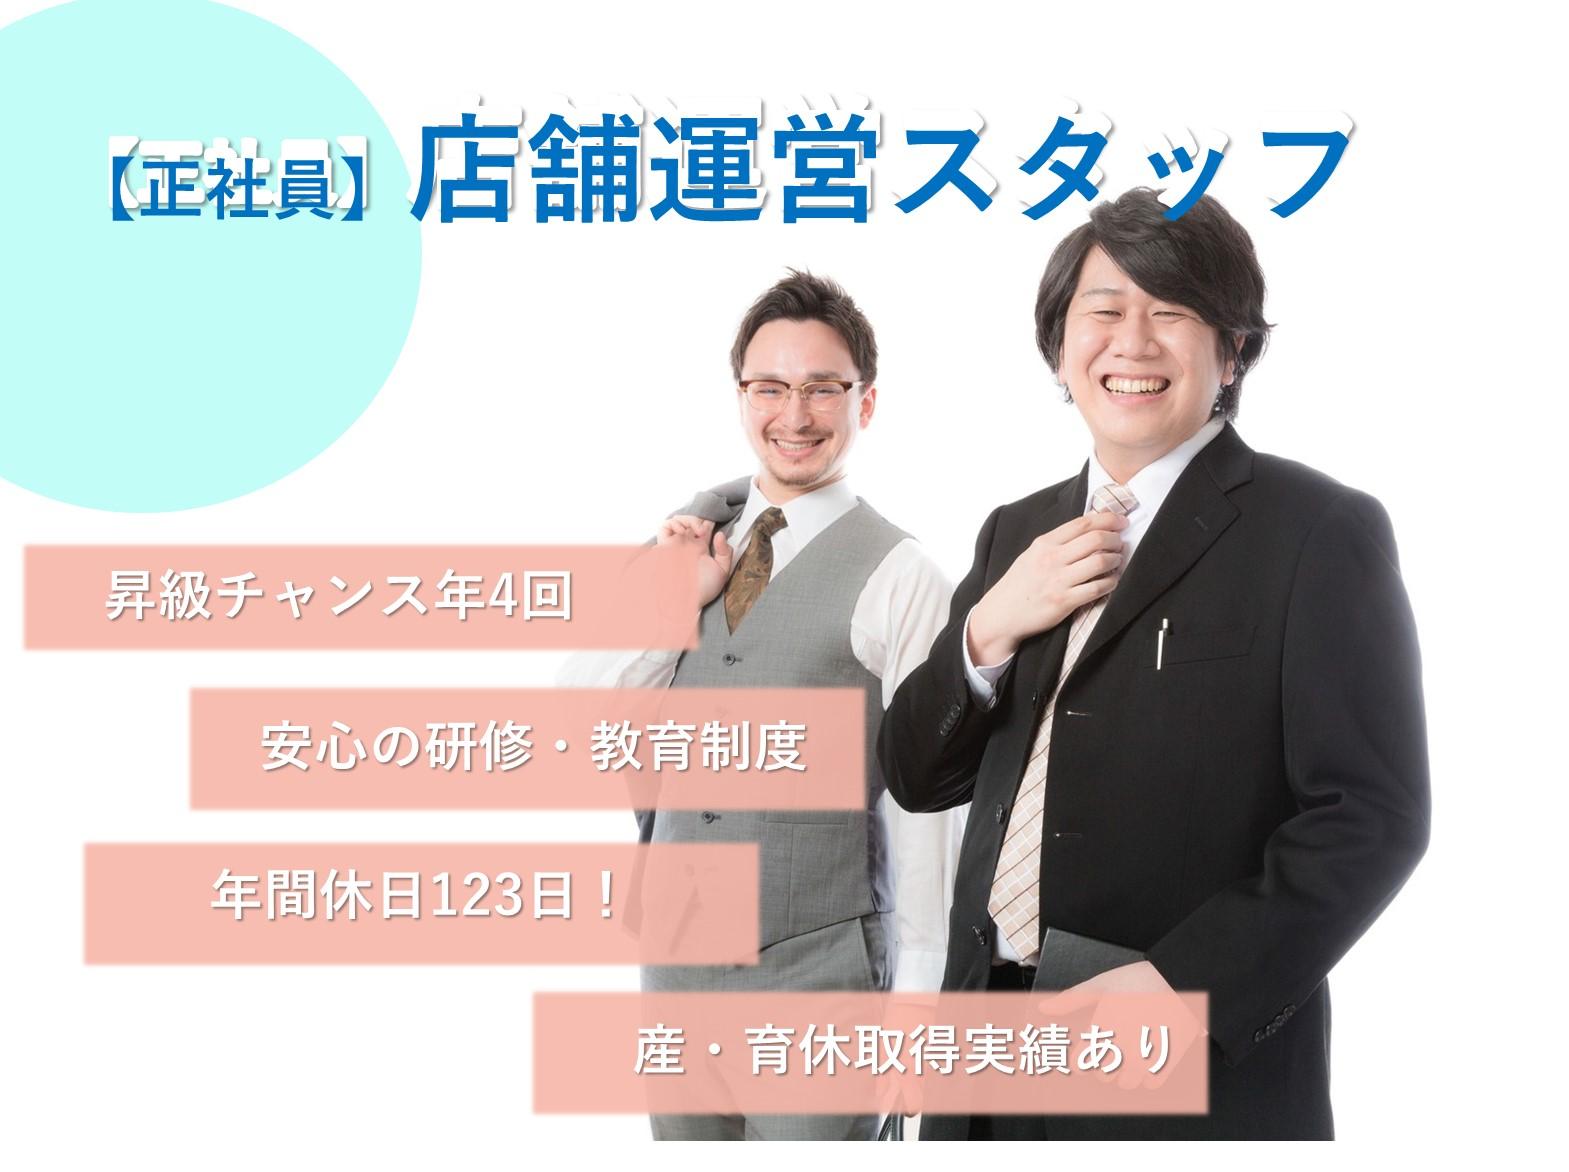 急募【正社員】牛丼屋店舗運営スタッフ★昇進年4回!ワークライフバランス◎ イメージ